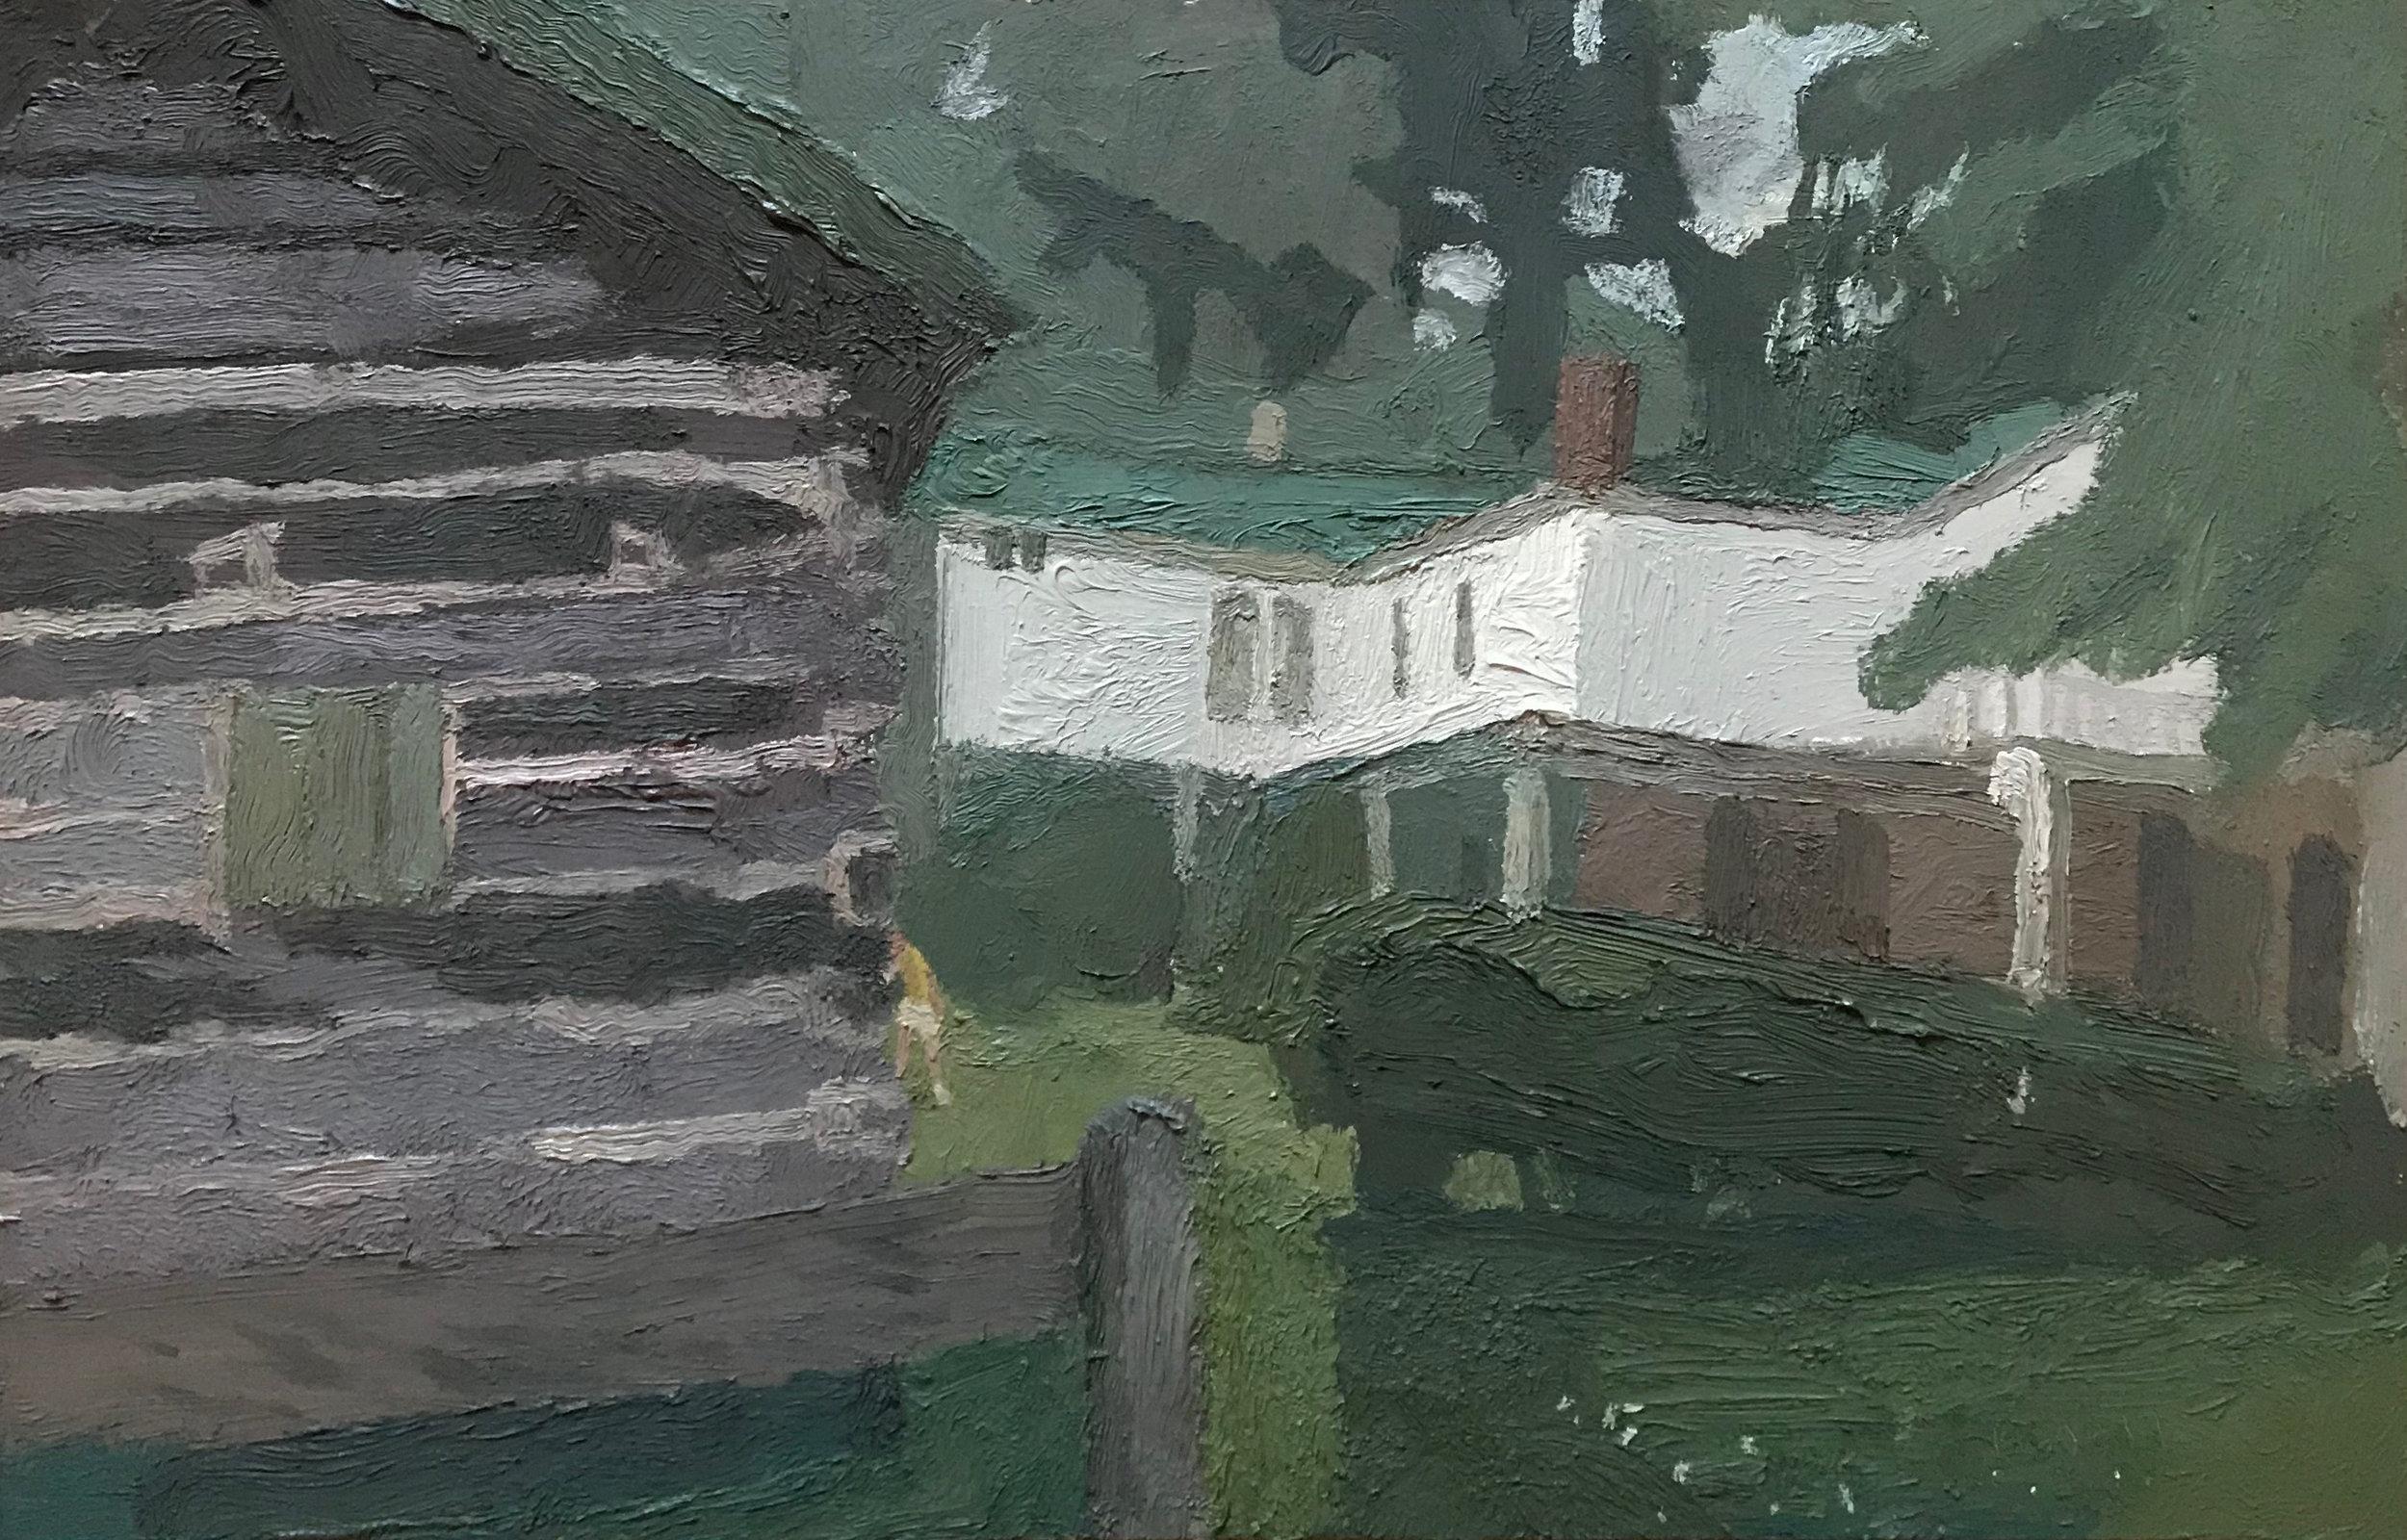 Faulkner's House, Rowan Oak